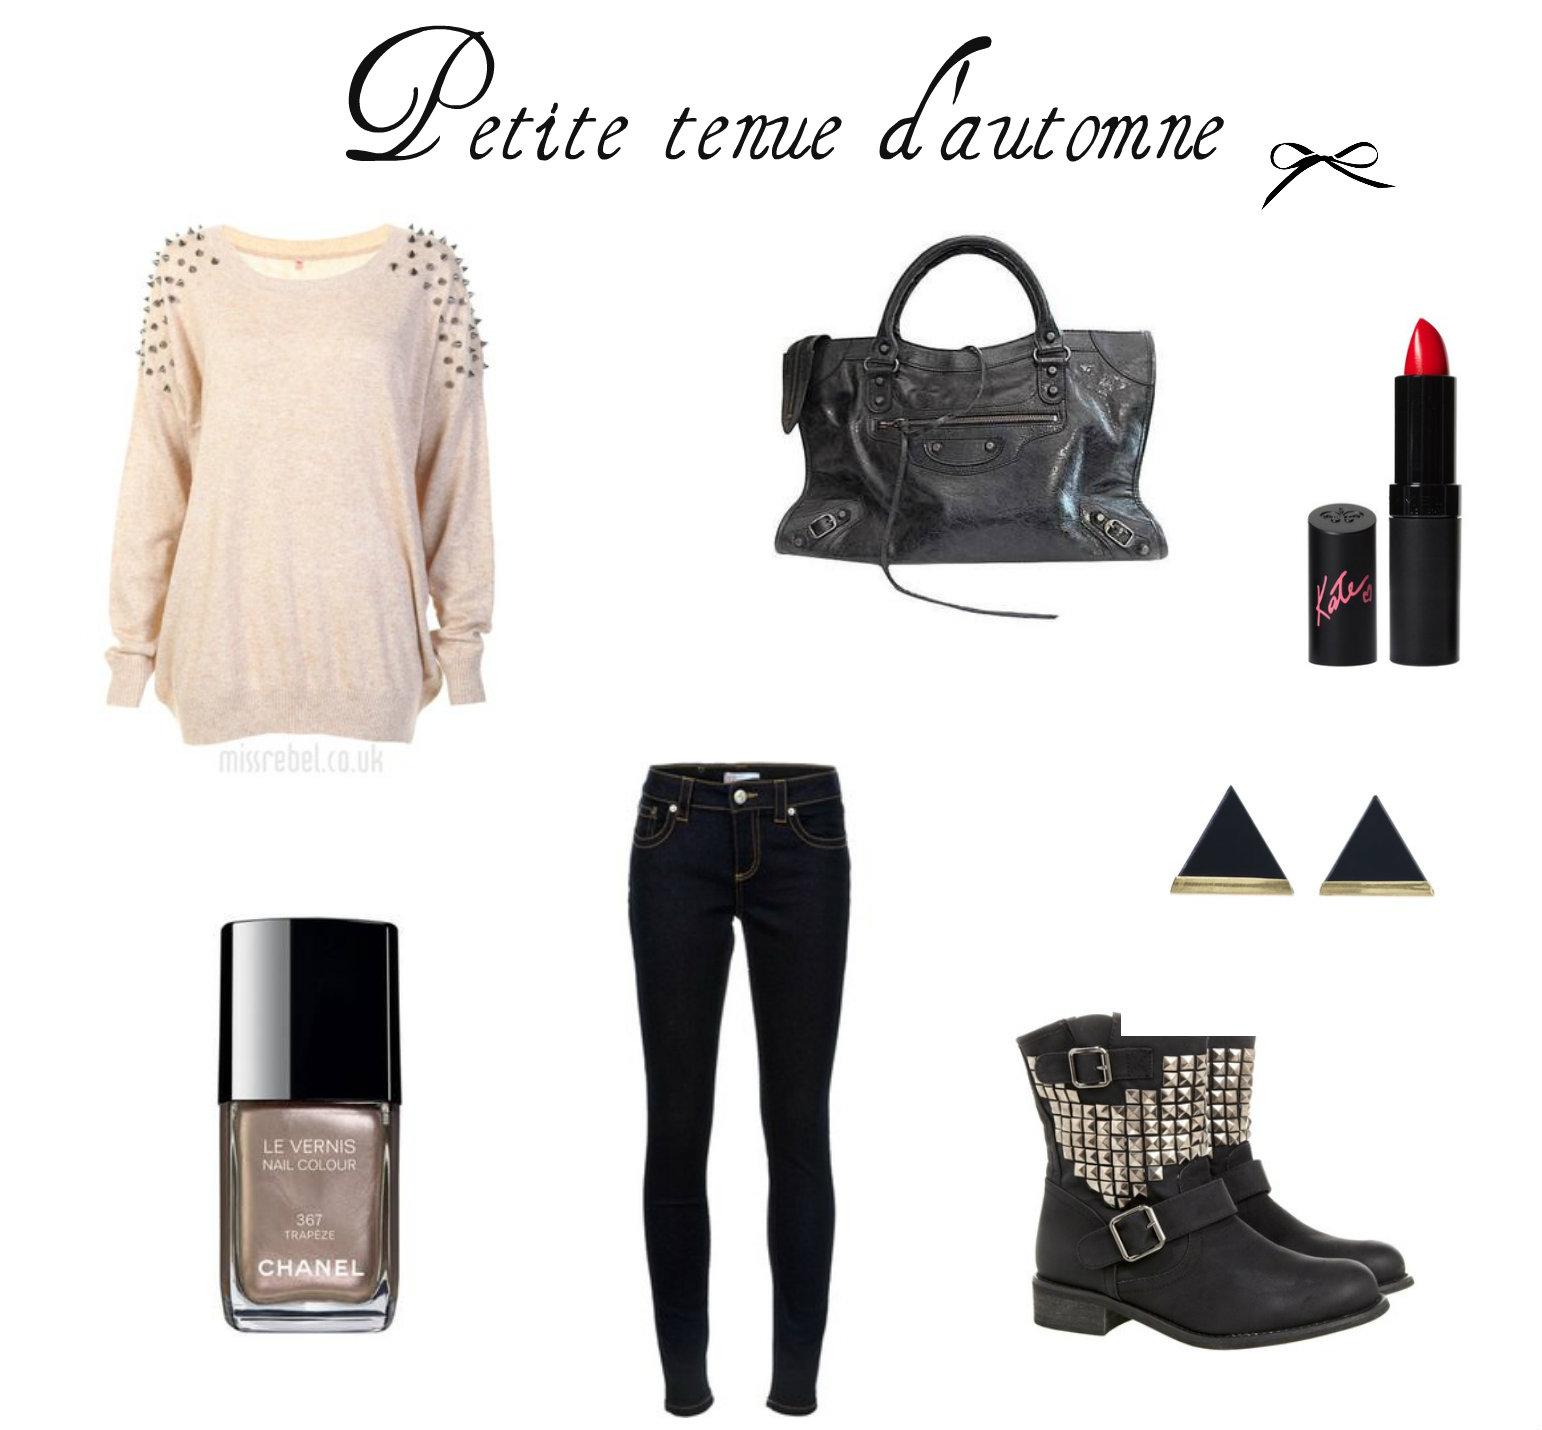 Le blog de lice blog paris mode beaut lifestyle automne te voil - Tenue d automne ...